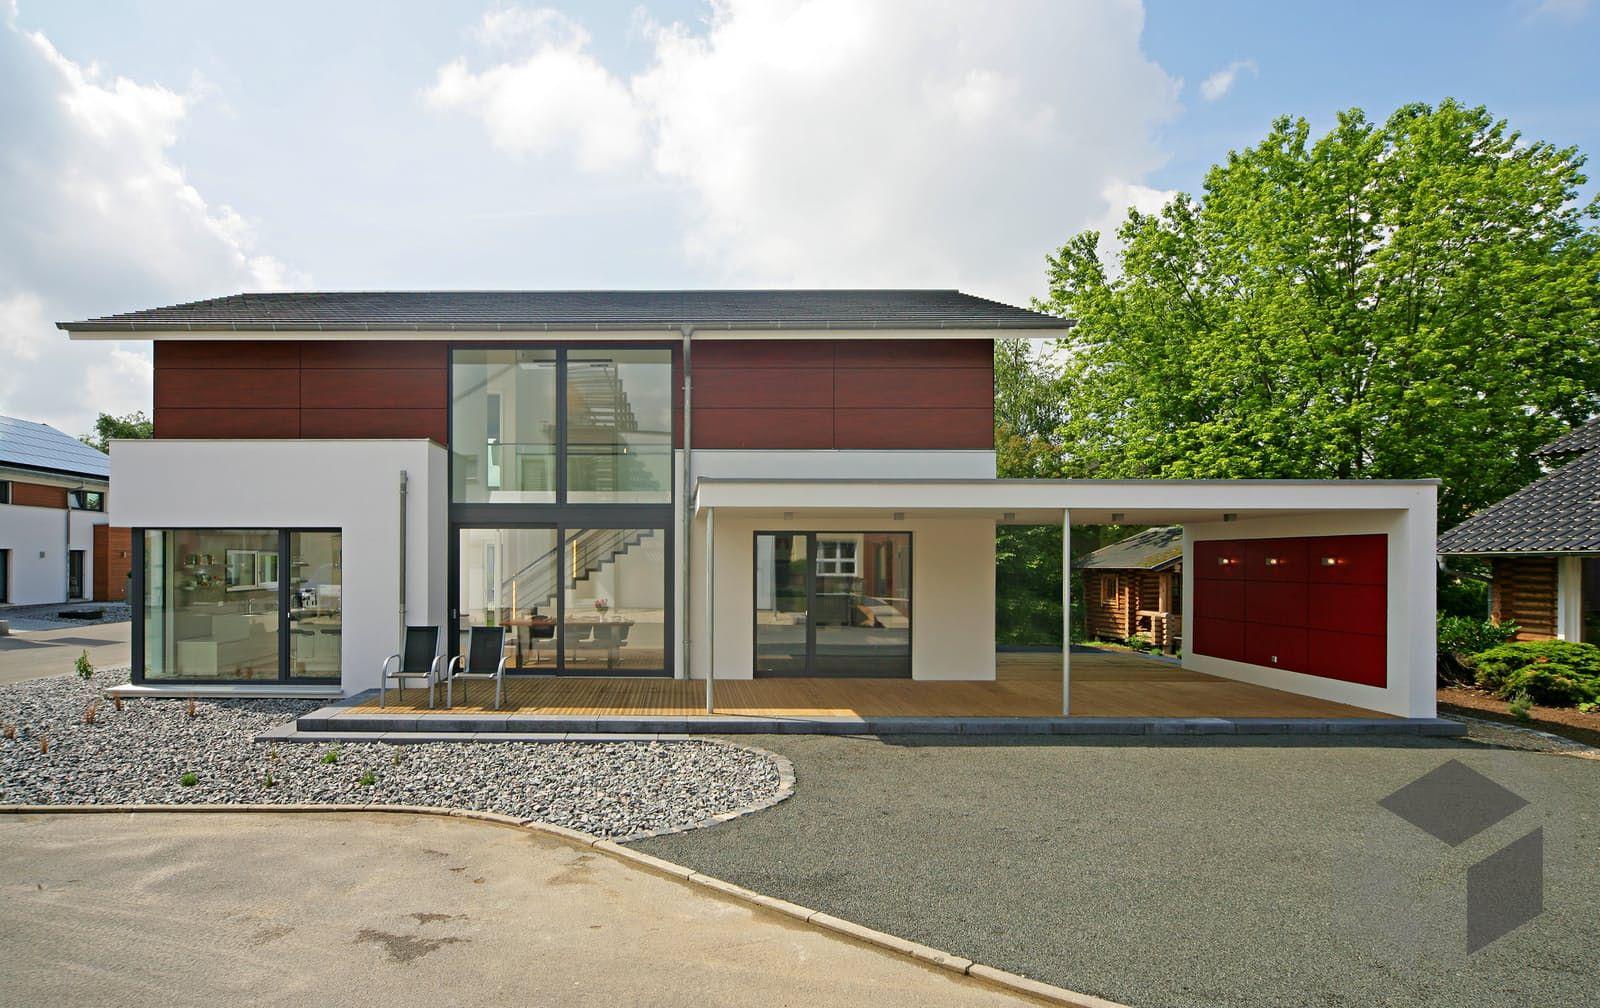 Fertigteilhaus modern satteldach  Dieses und viele Häuser mehr gibt es auf Fertighaus.de – Ihr ...